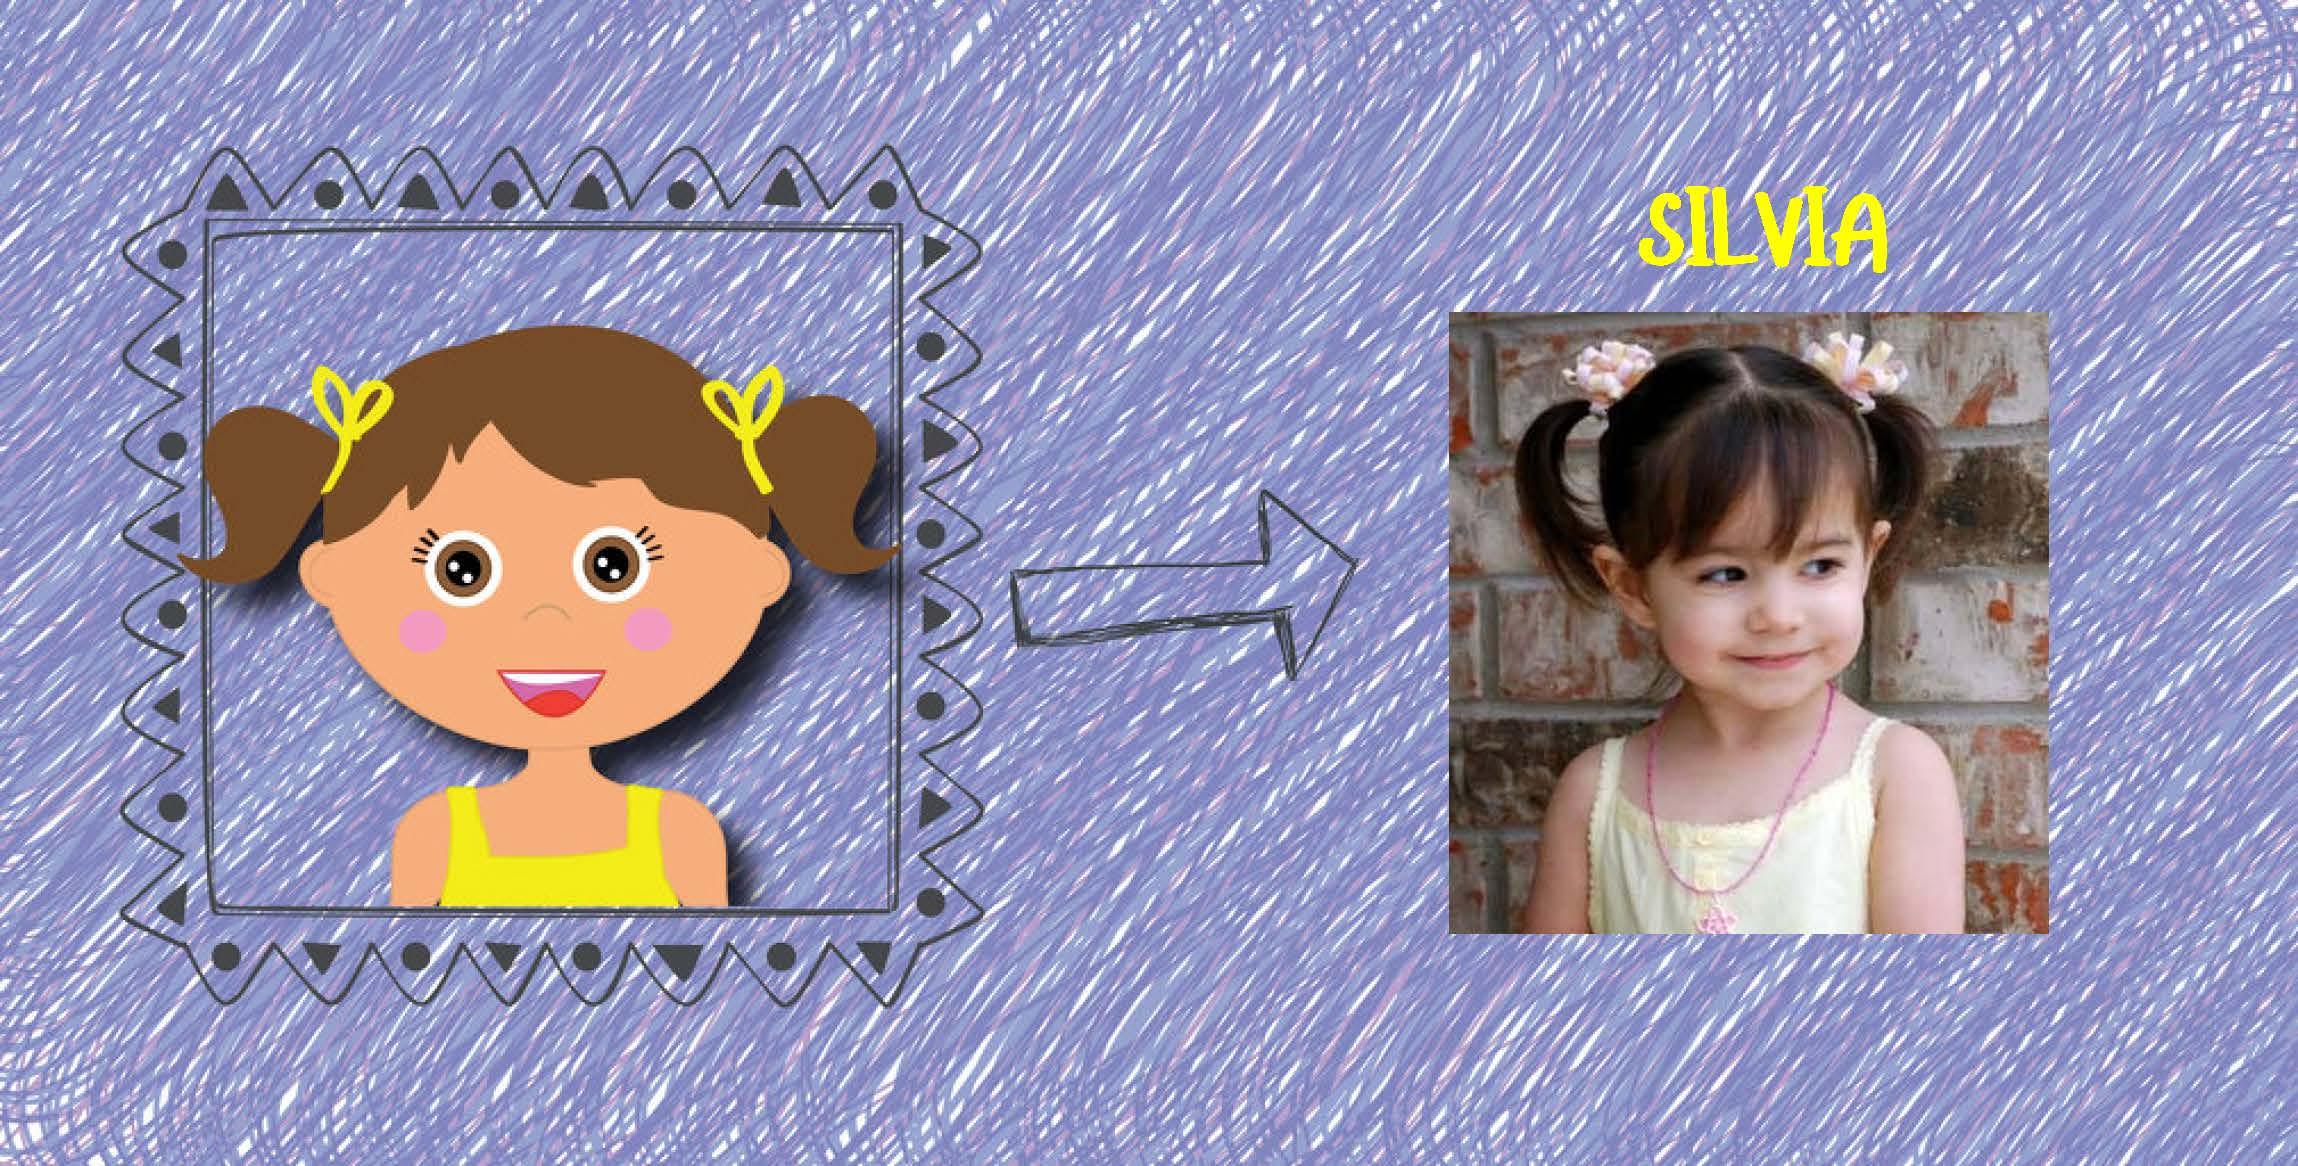 Regalos de cumpleaños originales - Foto y dibujo del niño o de la niña.